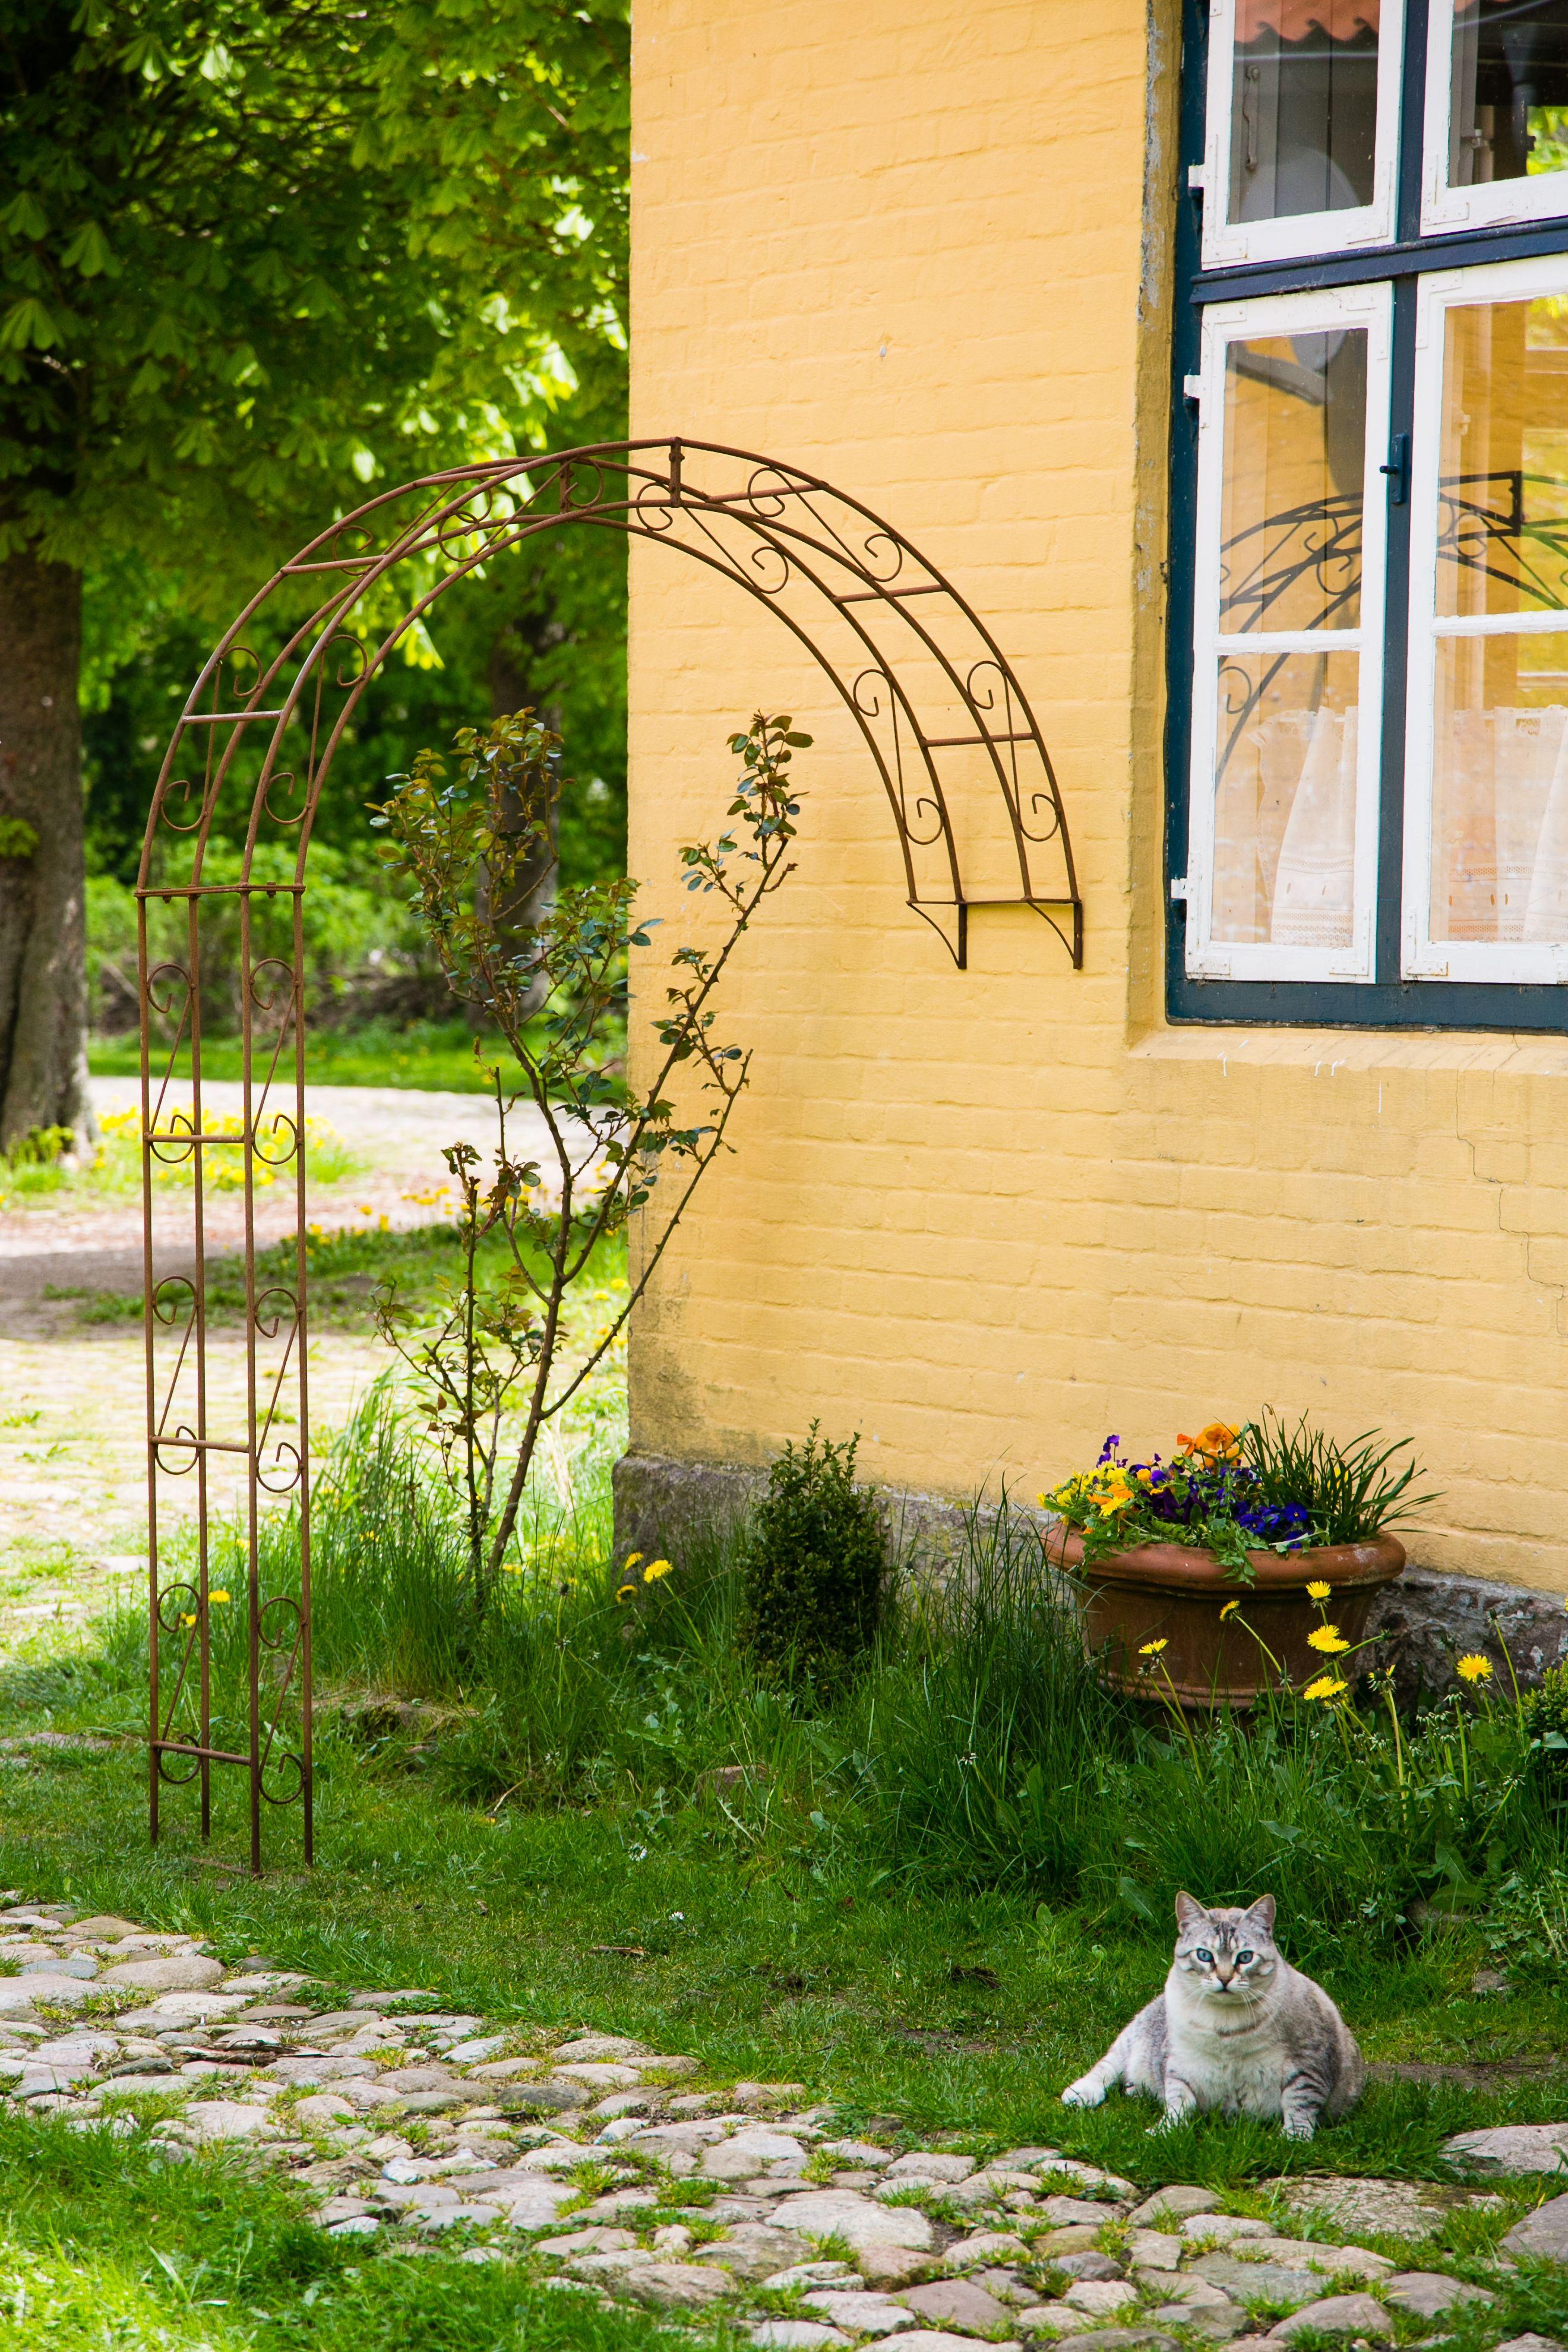 Kuheiga Com Ihr Online Shop Fur Gartenzubehor Wohnaccessoires Garten Gartendekoration Rosenbogen